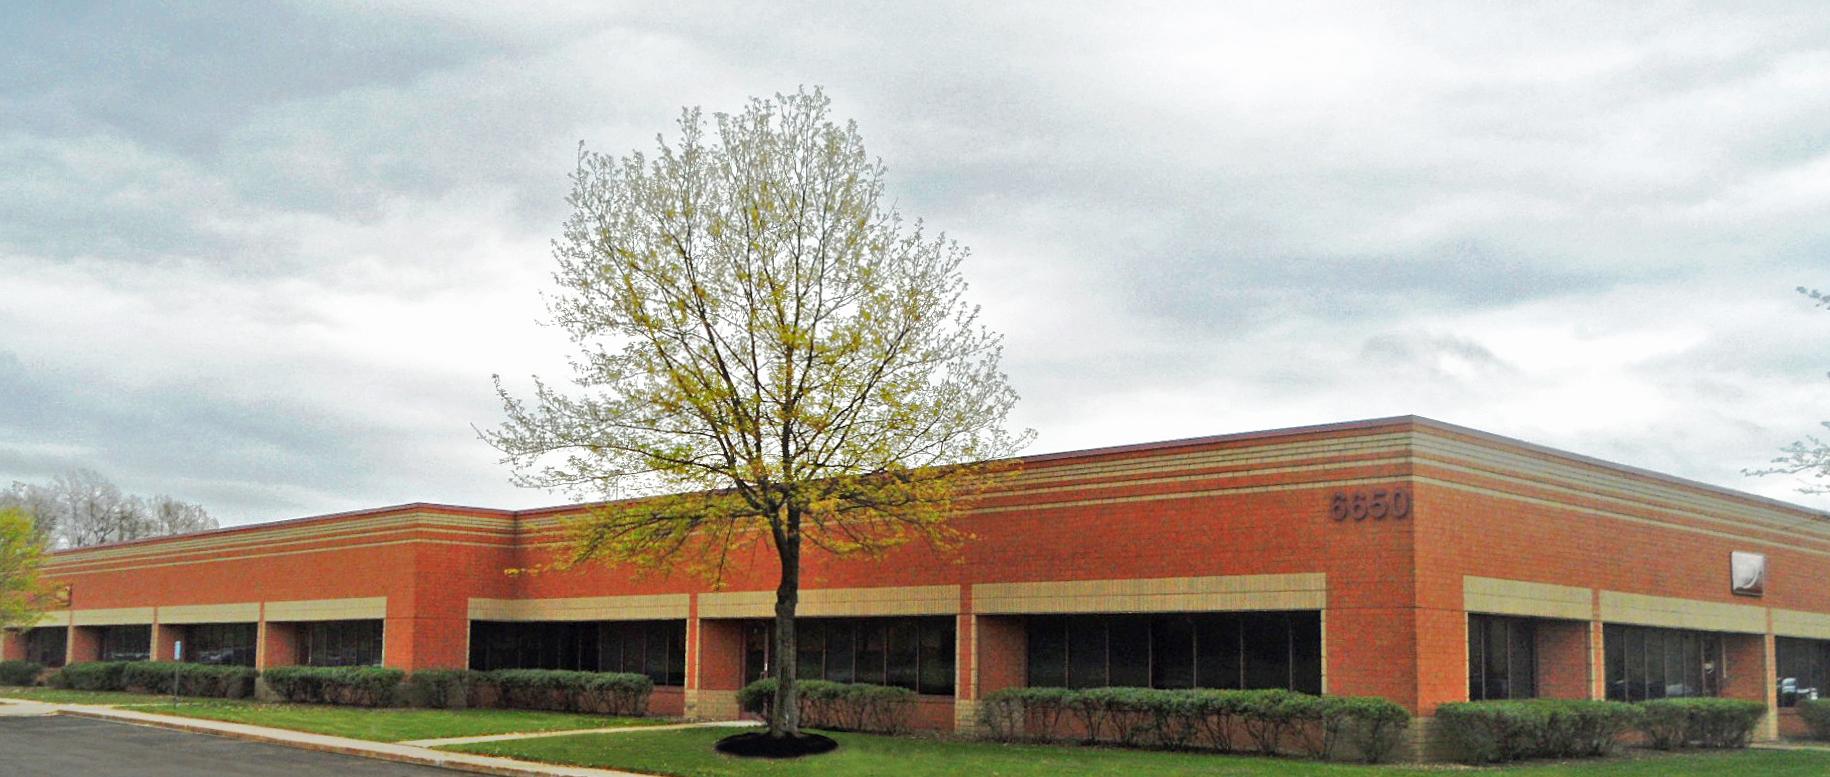 6650-6670 W. Snowville Rd. Brecksville, OH